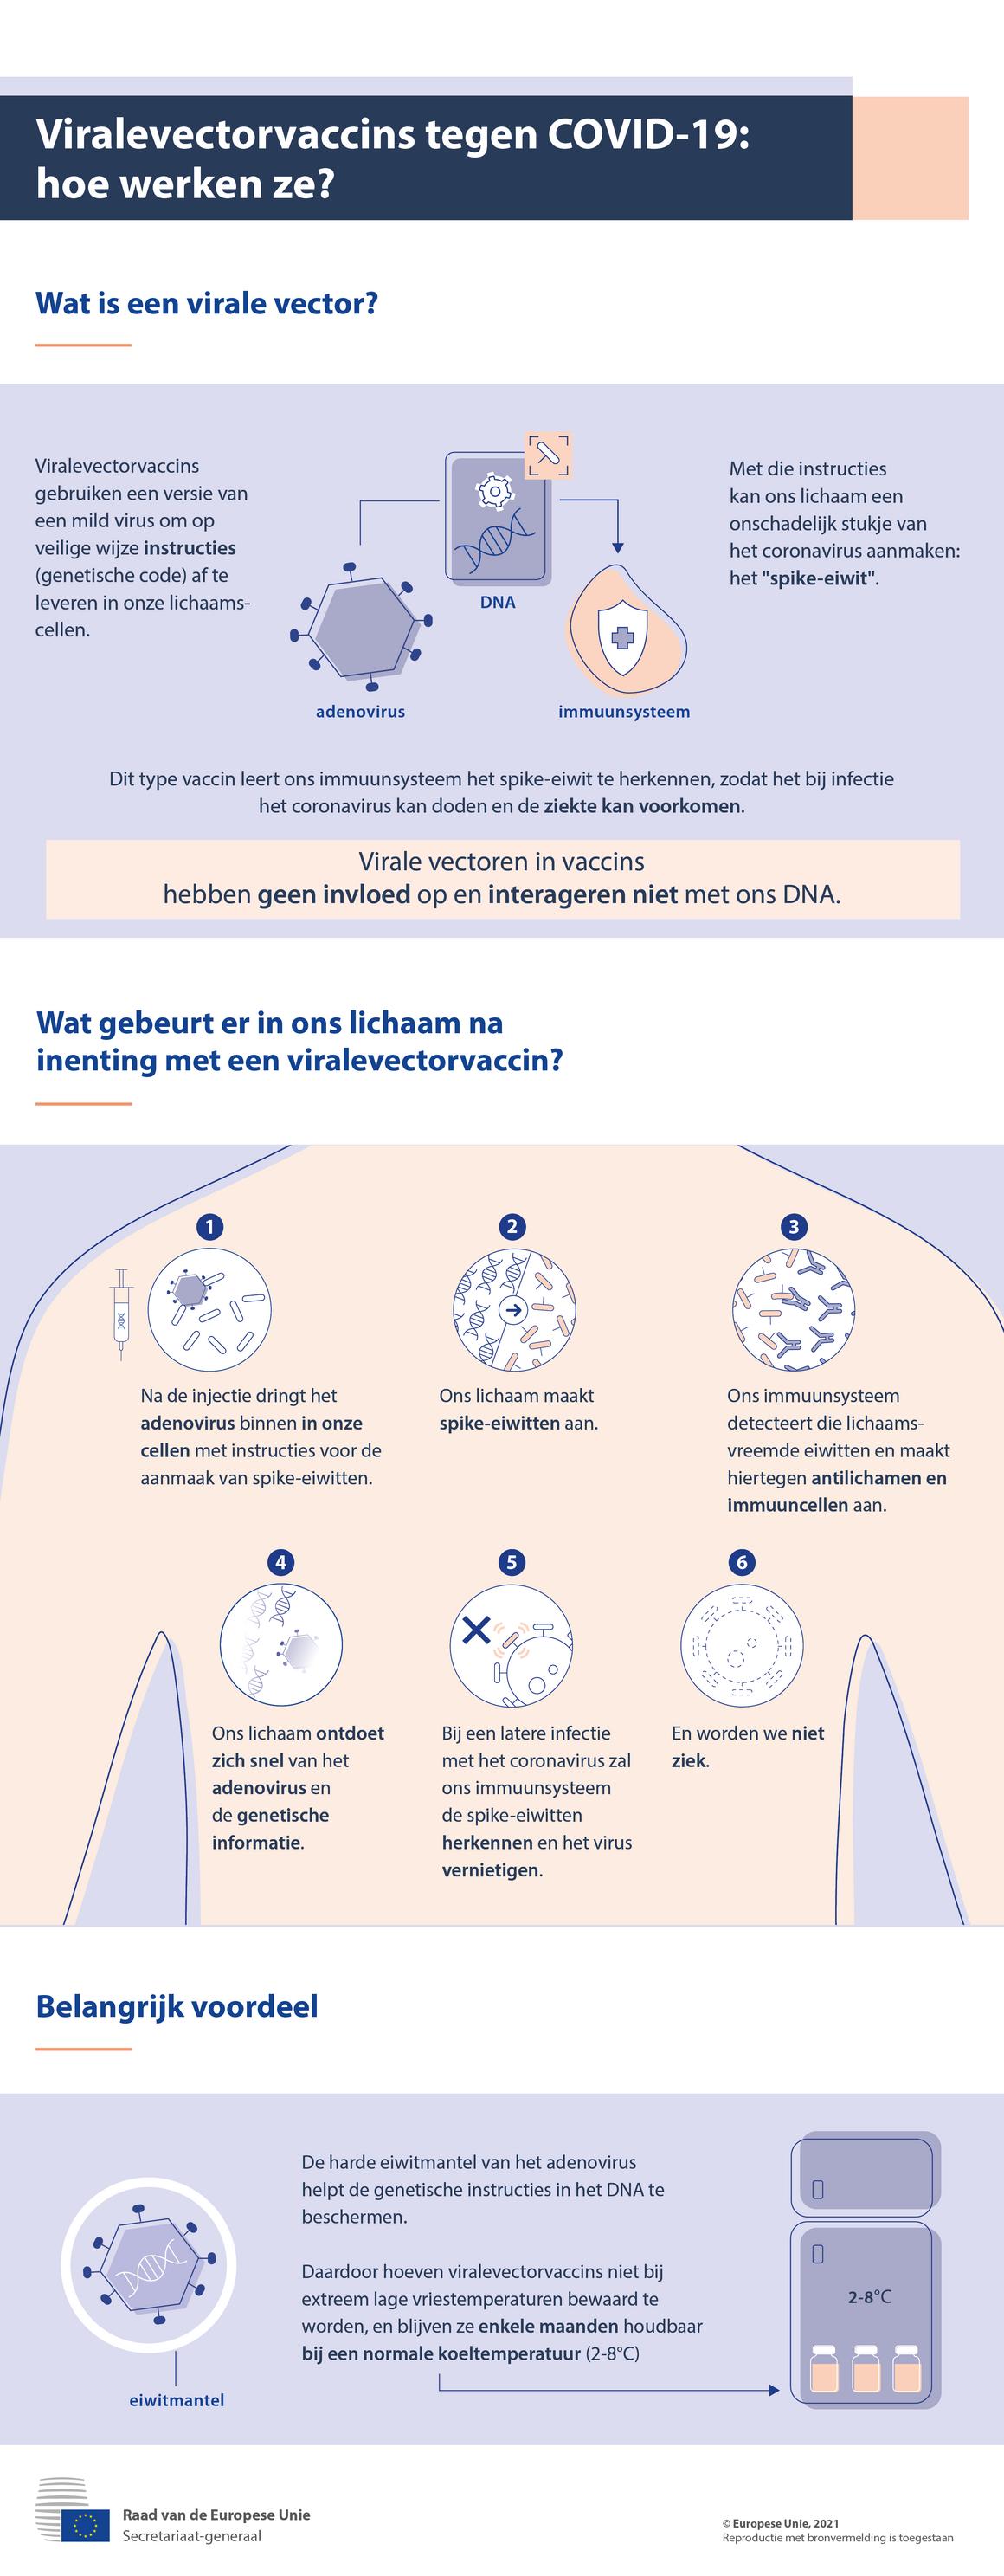 Infographic – Zo werken virale vectorvaccins tegen COVID-19